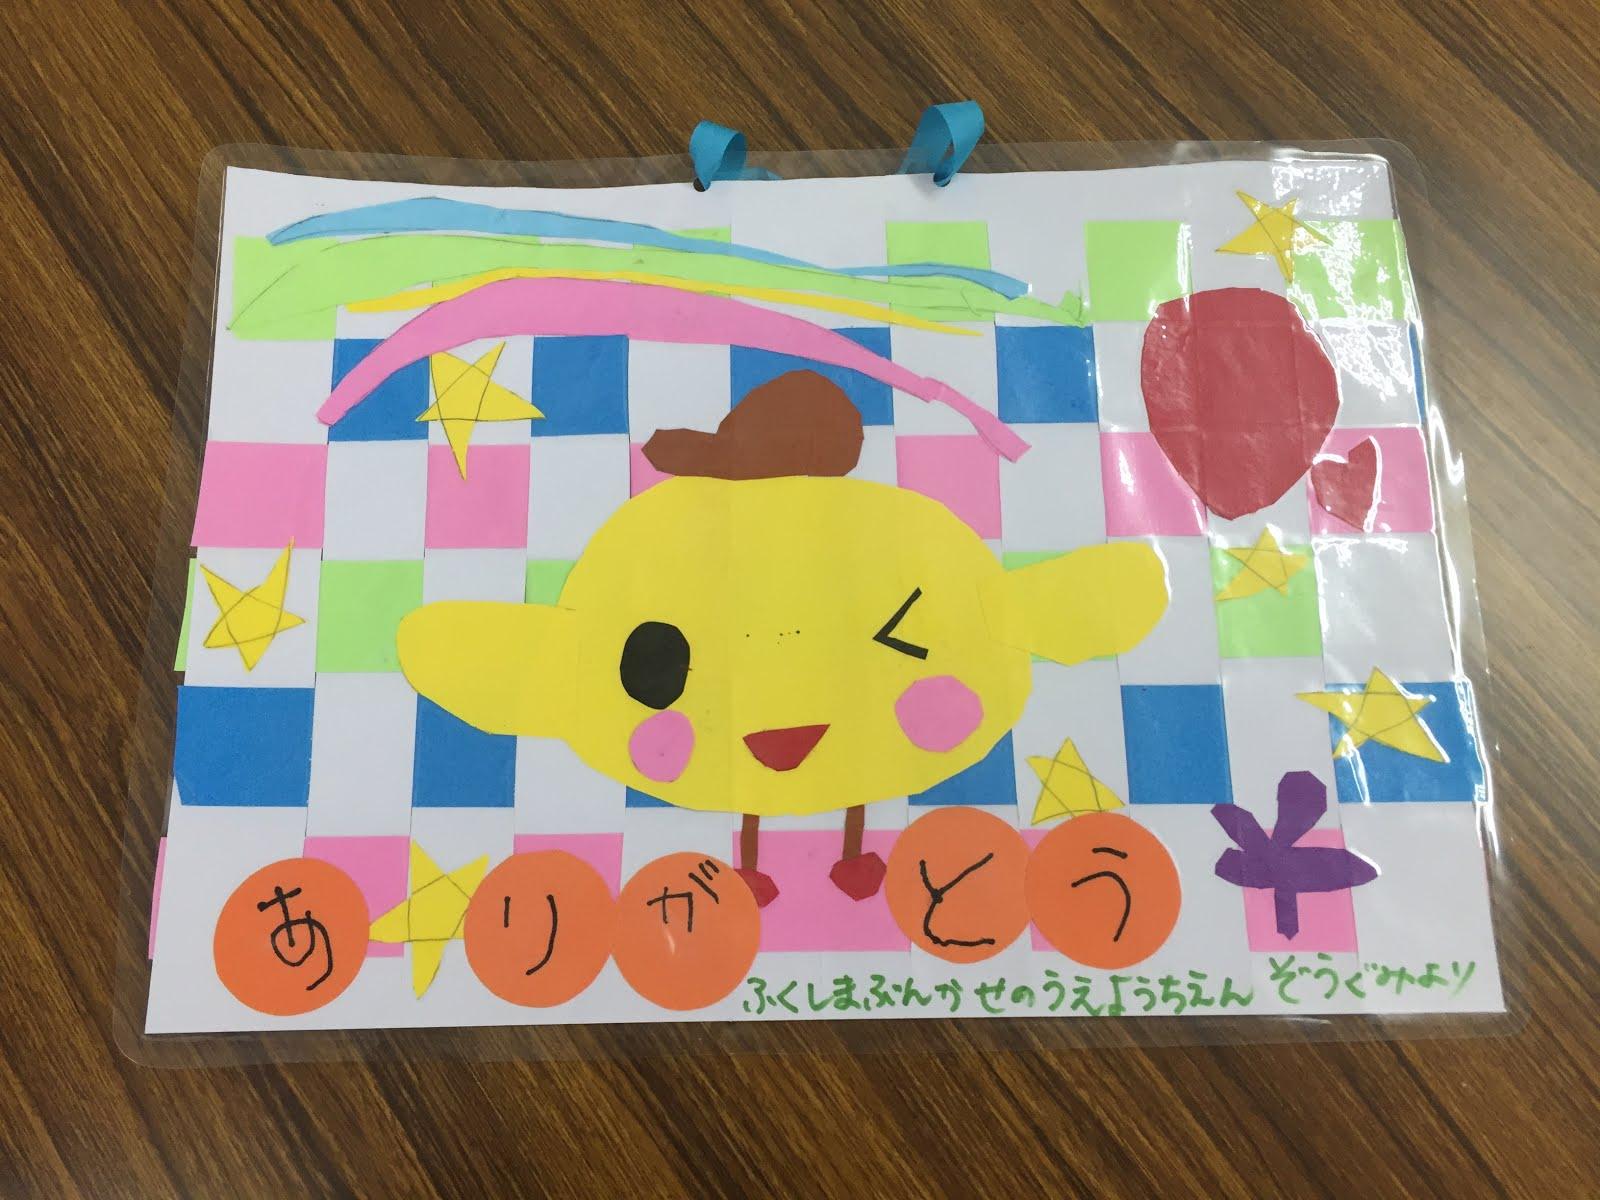 幼稚園様からの素敵なプレゼント